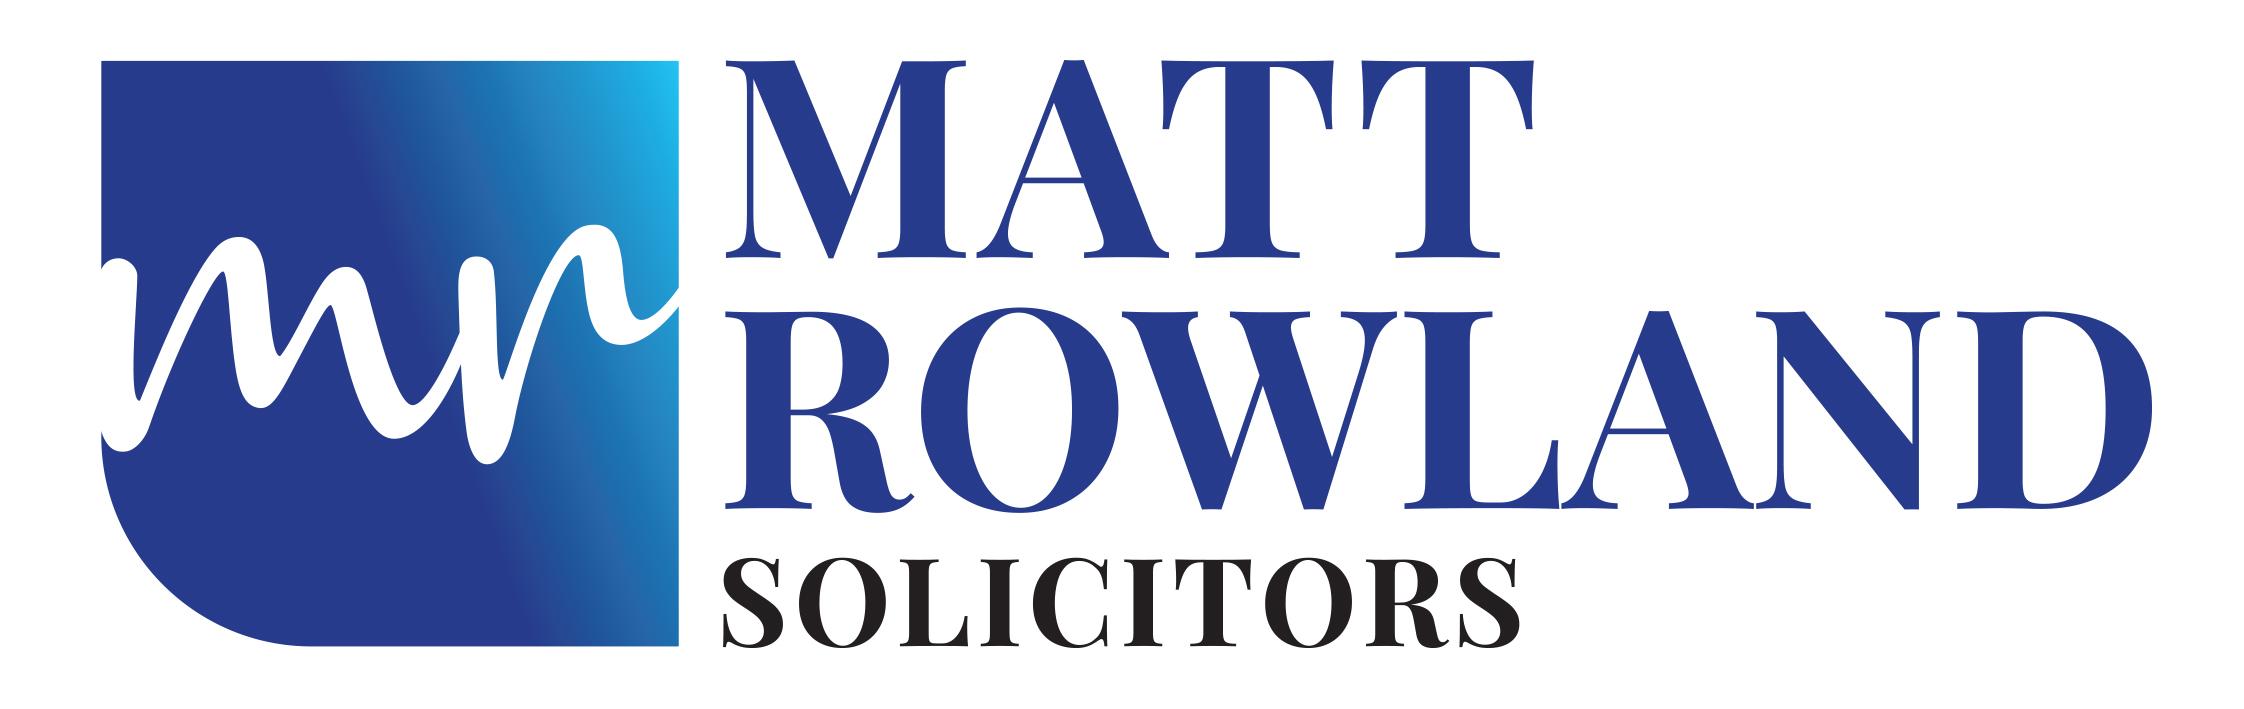 Matt Rowland Solicitors